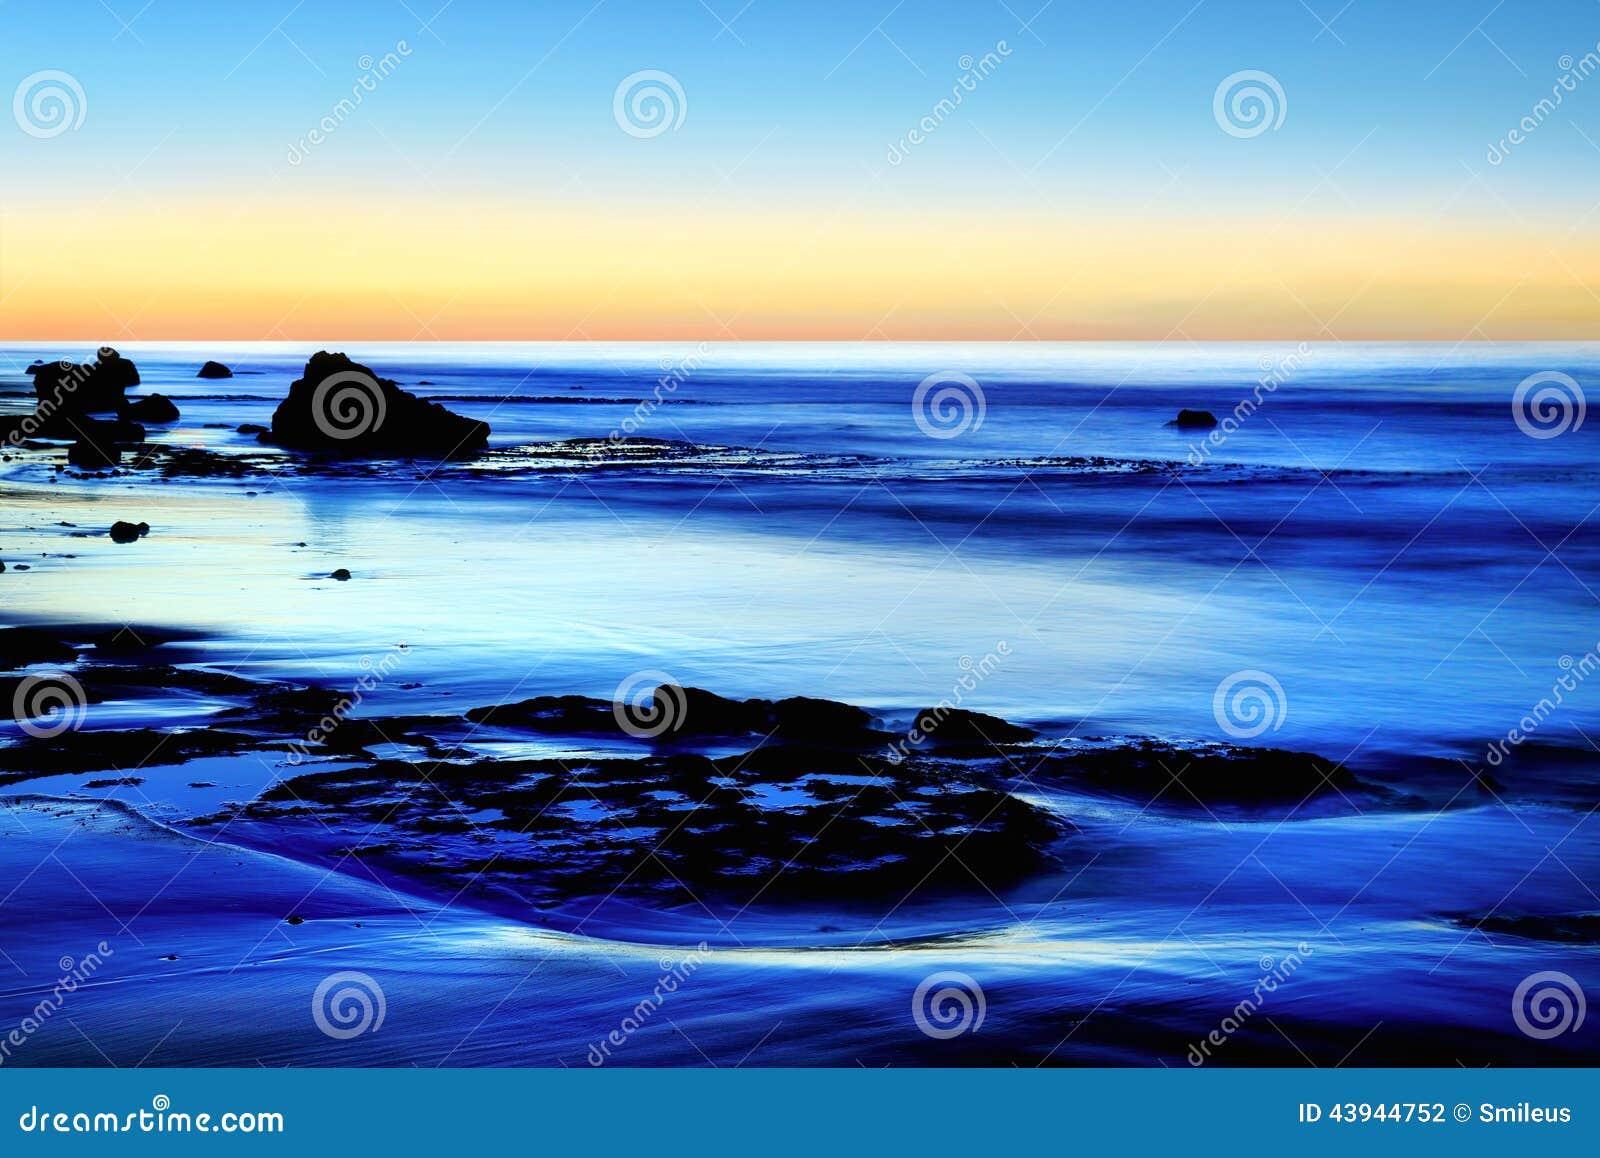 Półmrok przy błękitnym morzem